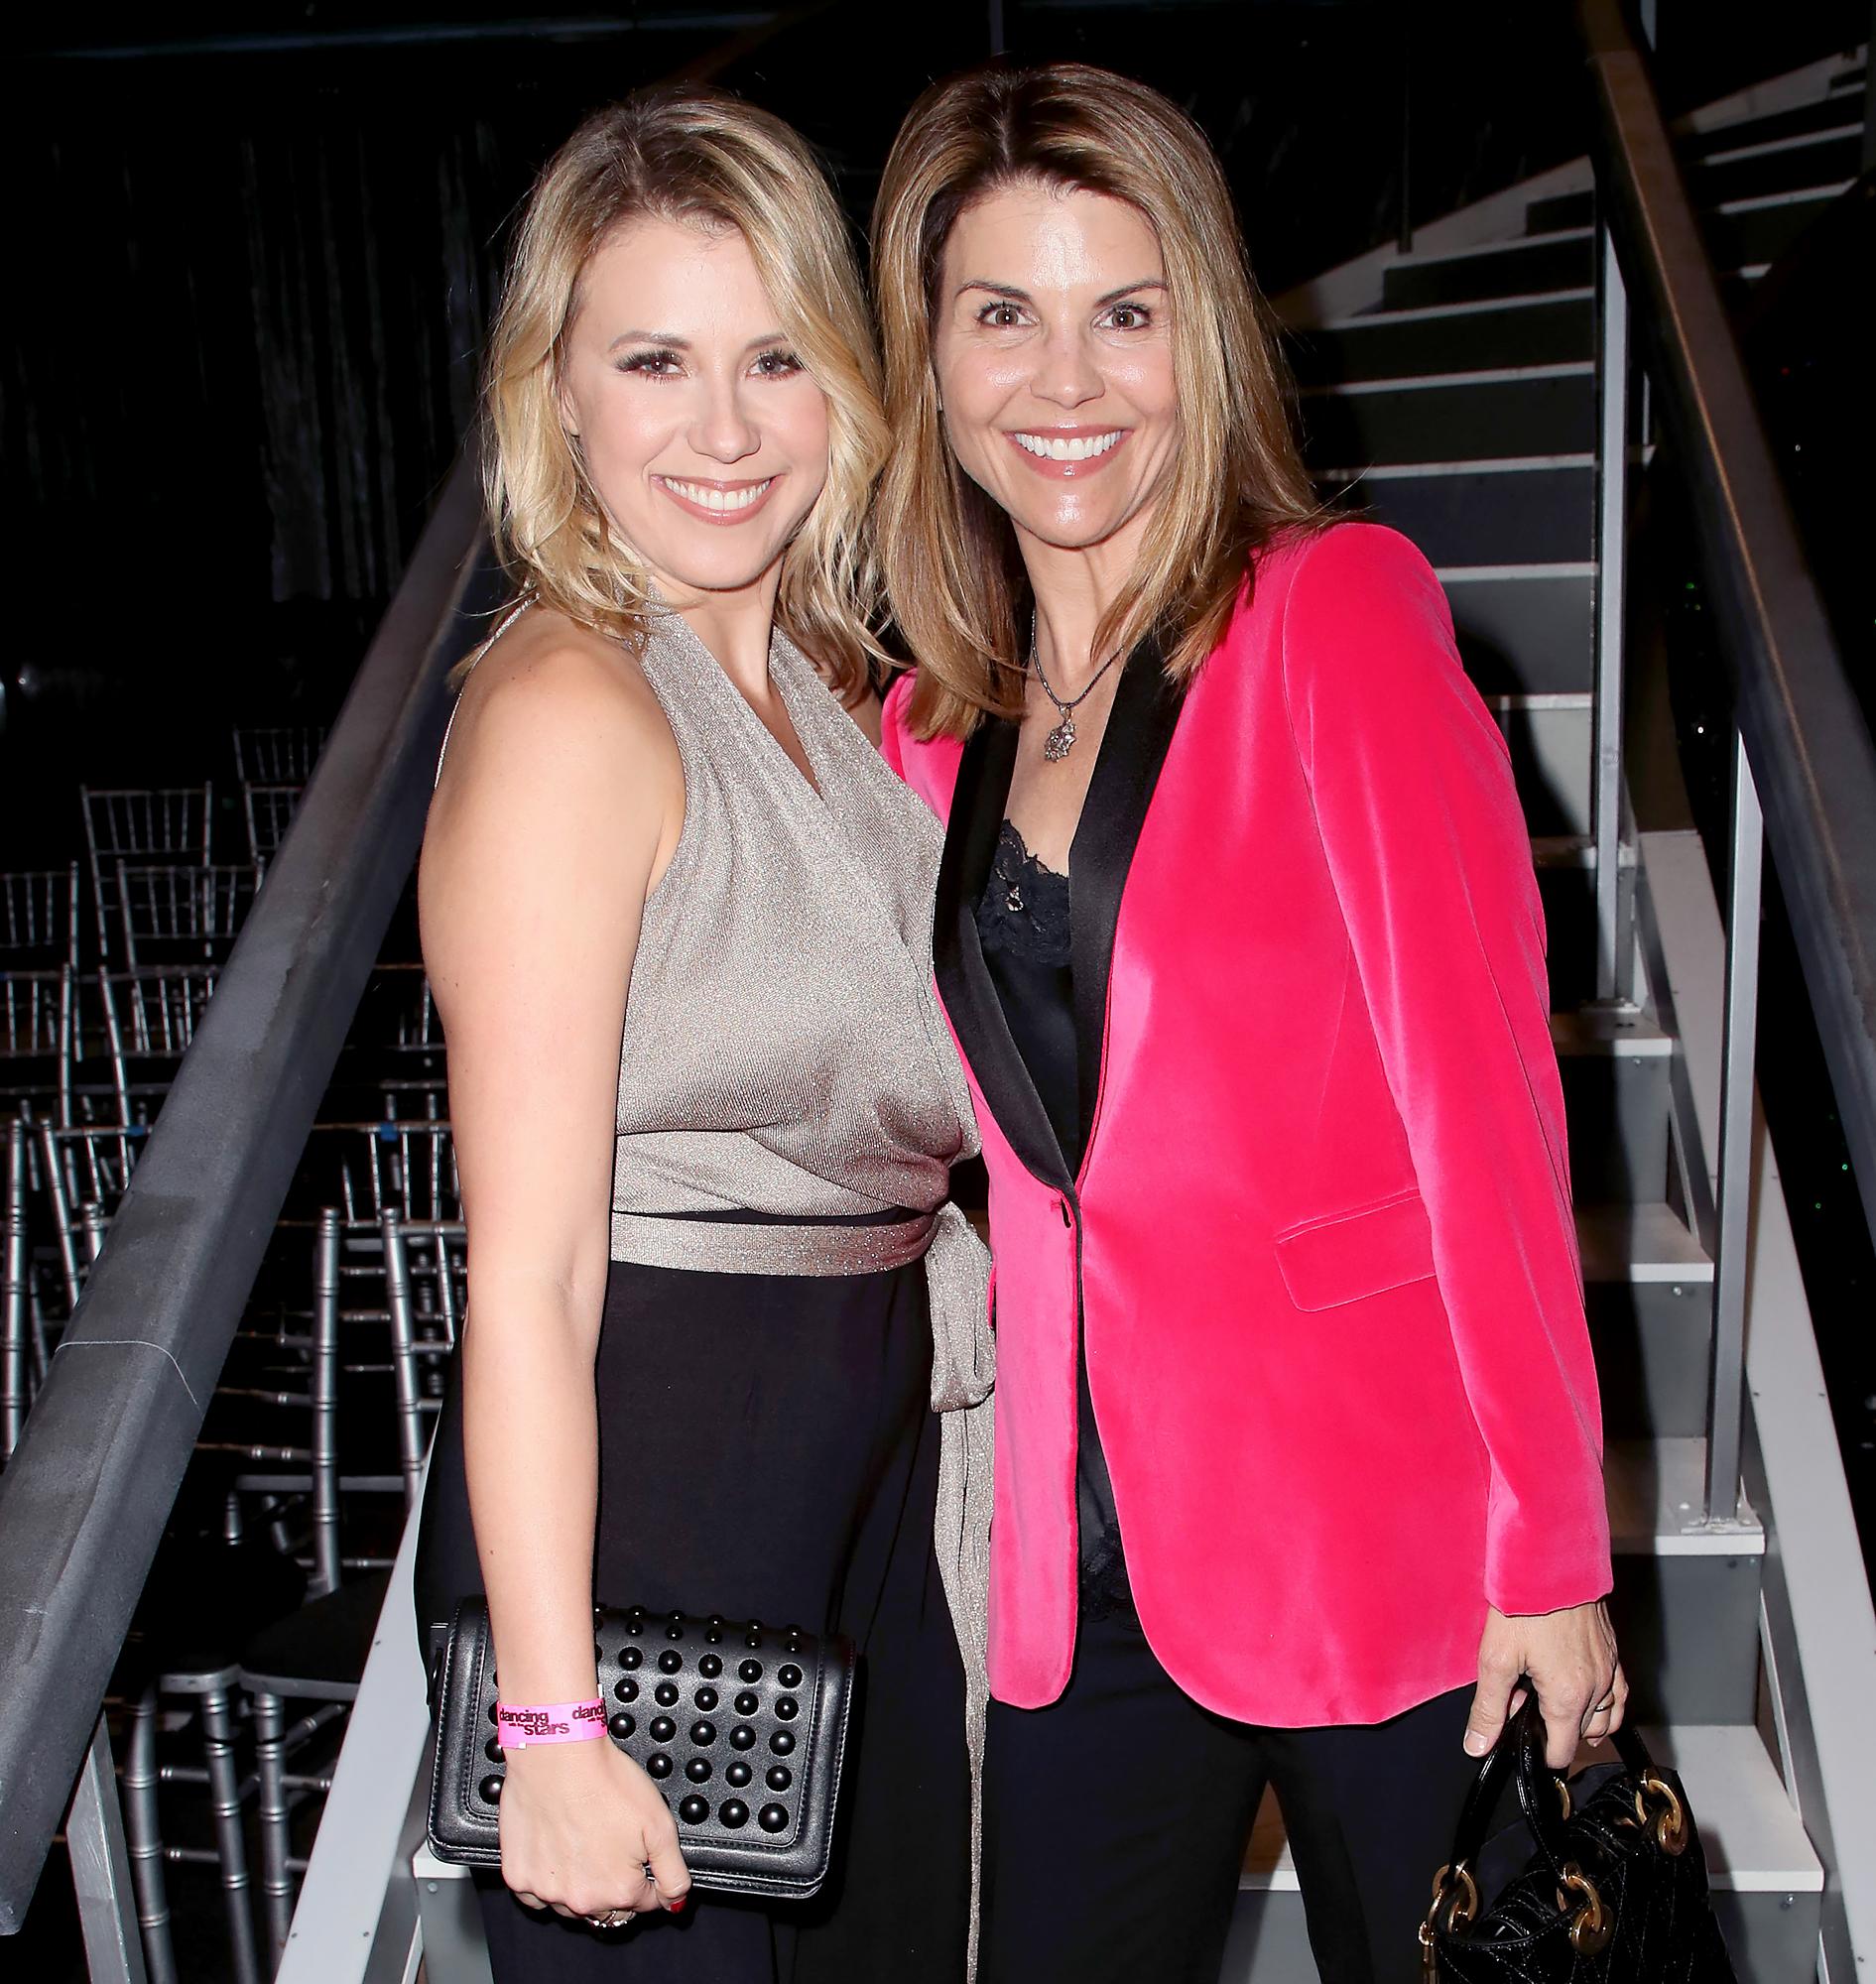 Jodie-Sweetin-and-Lori-Loughlin